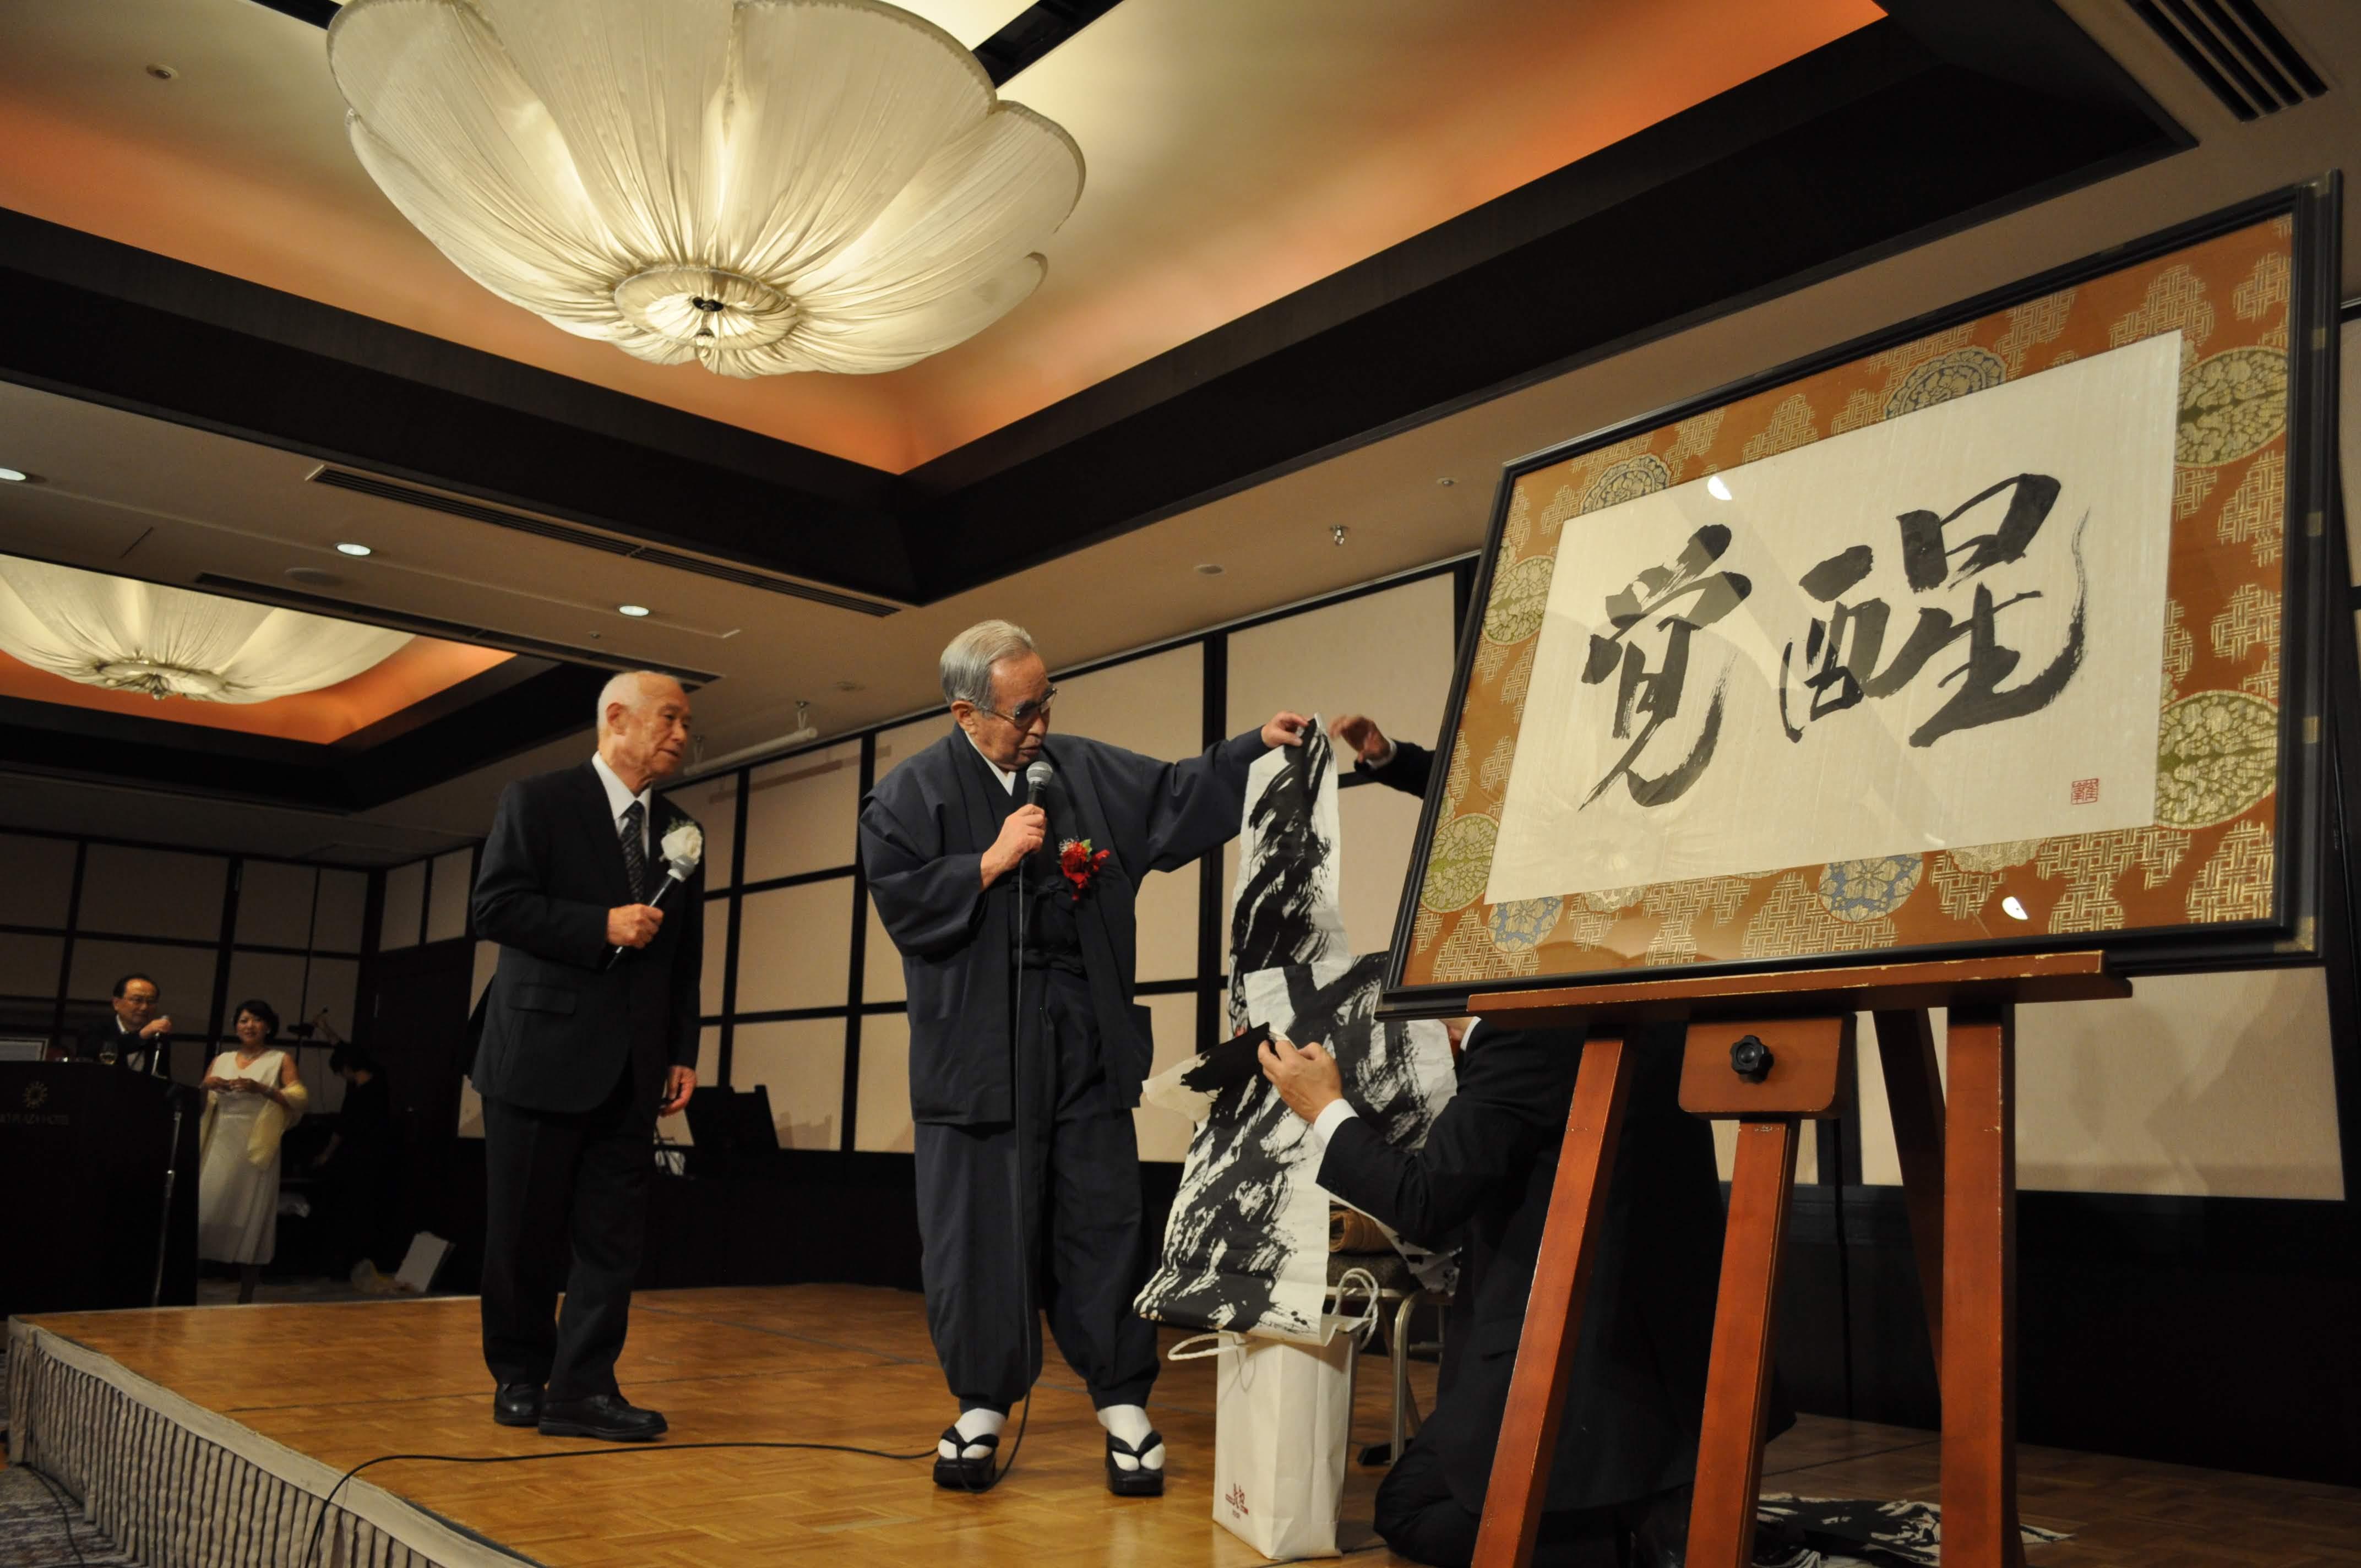 DSC 0542 1 - 思風会全国大会in広島